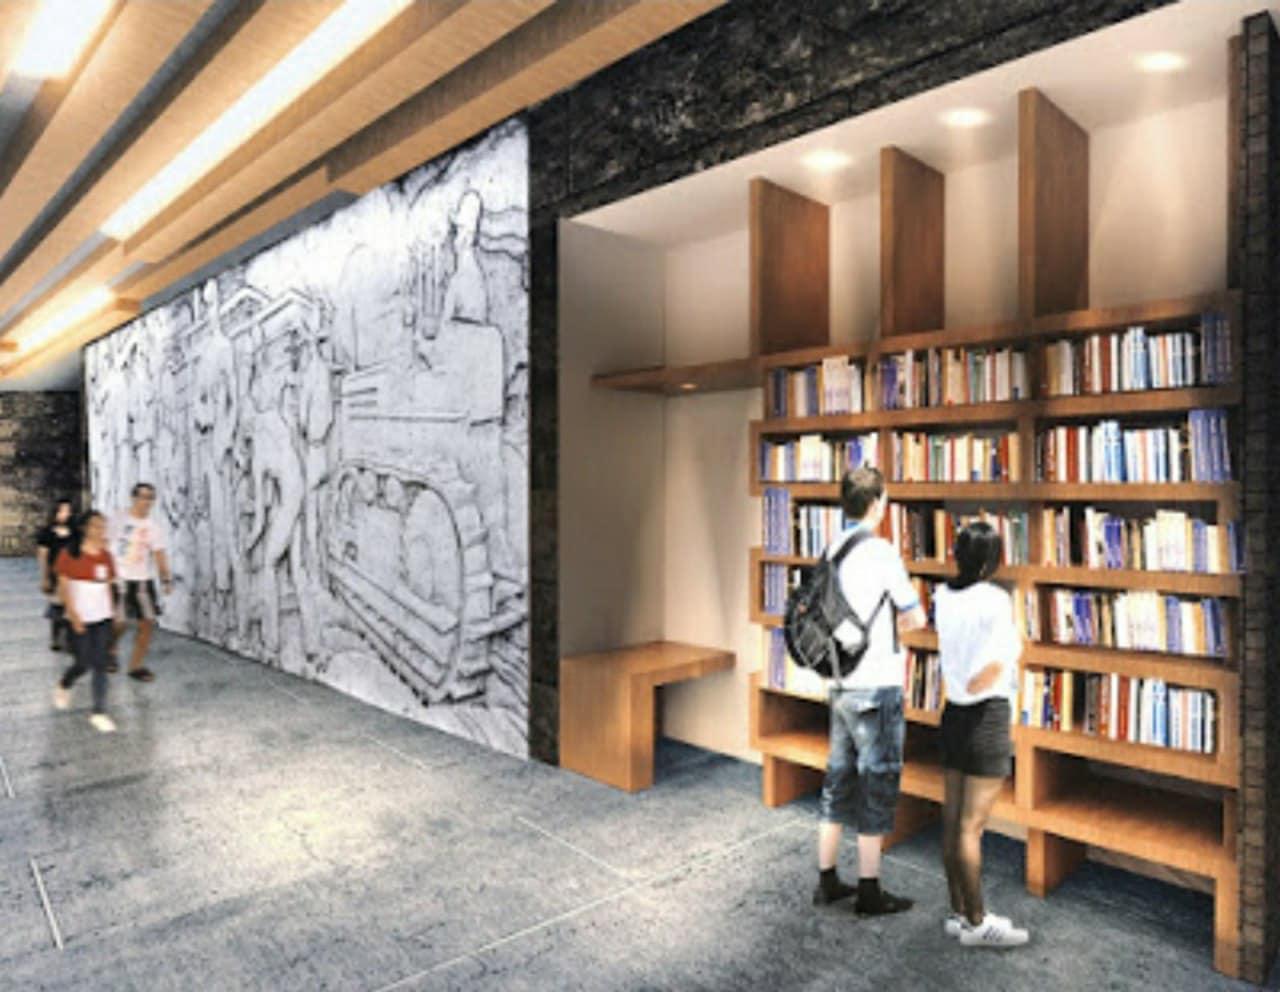 Lagusnilad underground bookstore